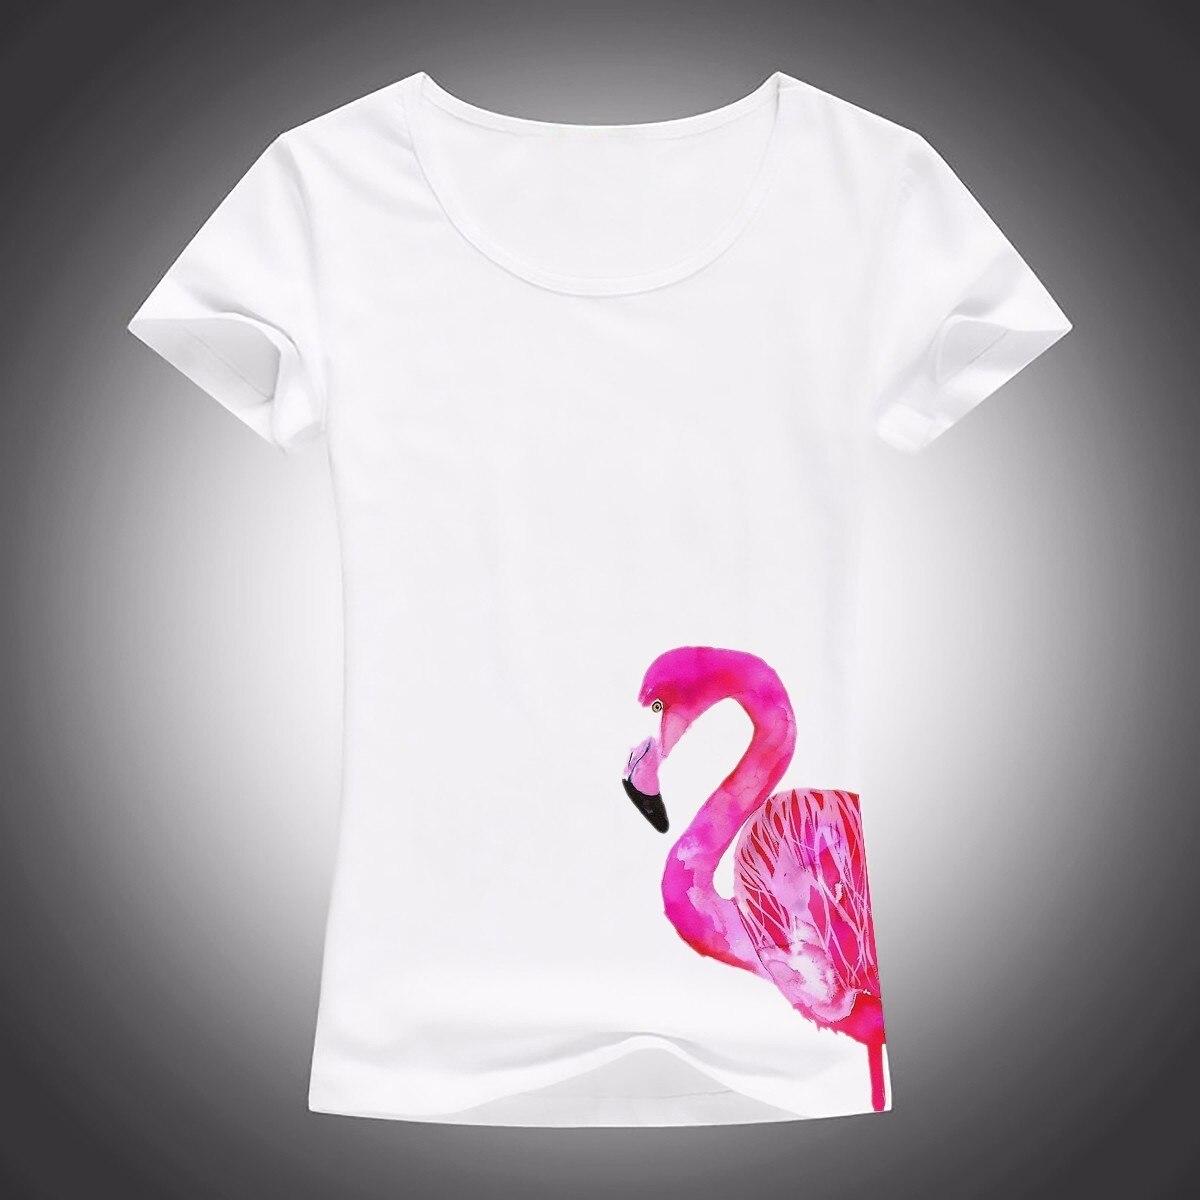 Design t shirt murah - Gratis Desain Tshirt